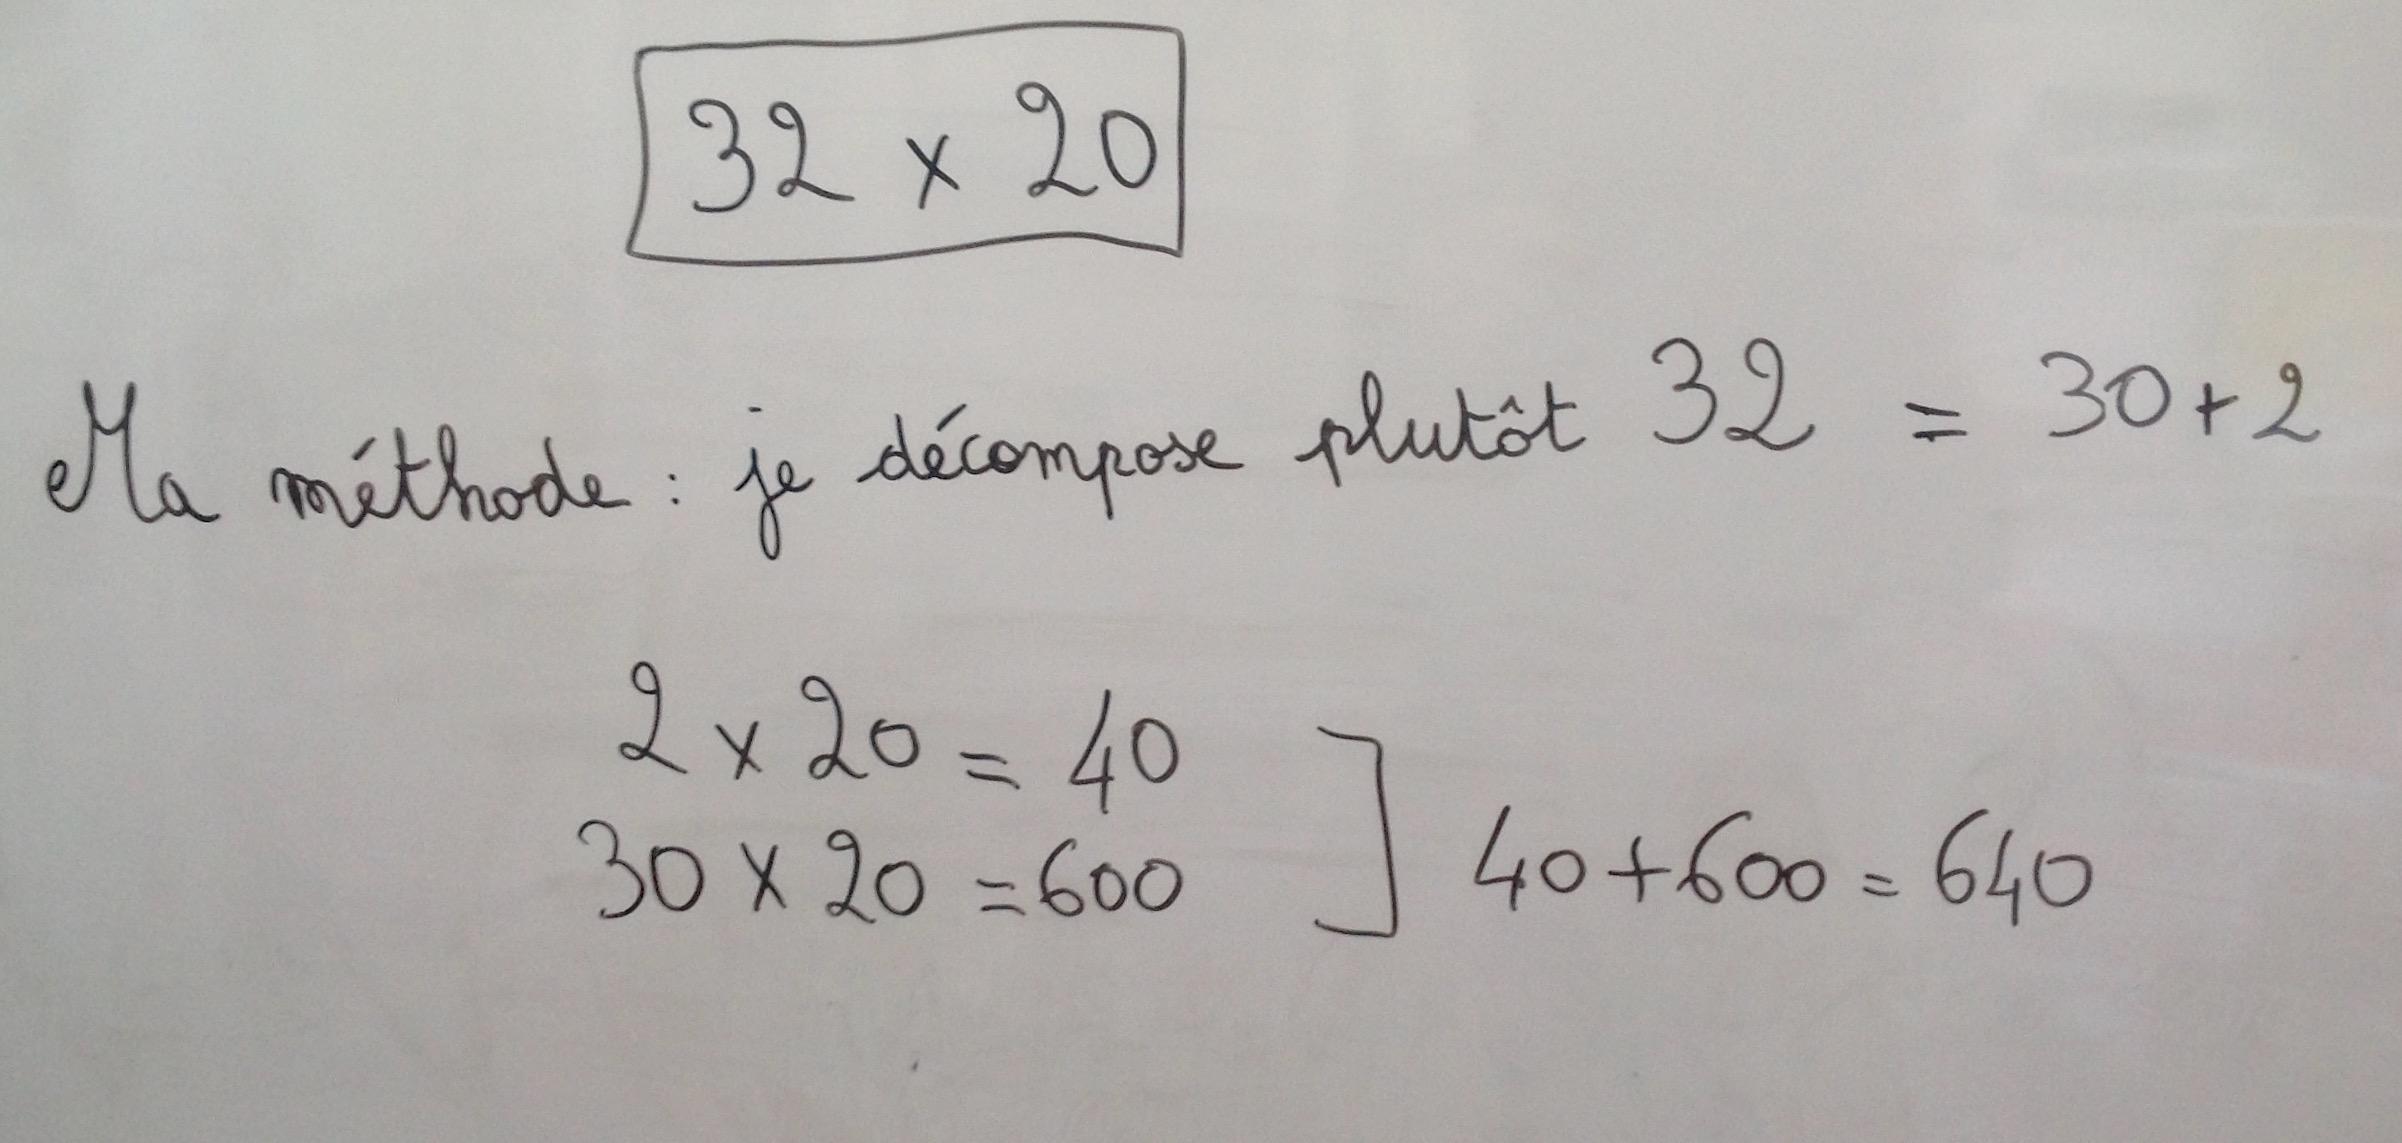 x à 2 chiffres 2